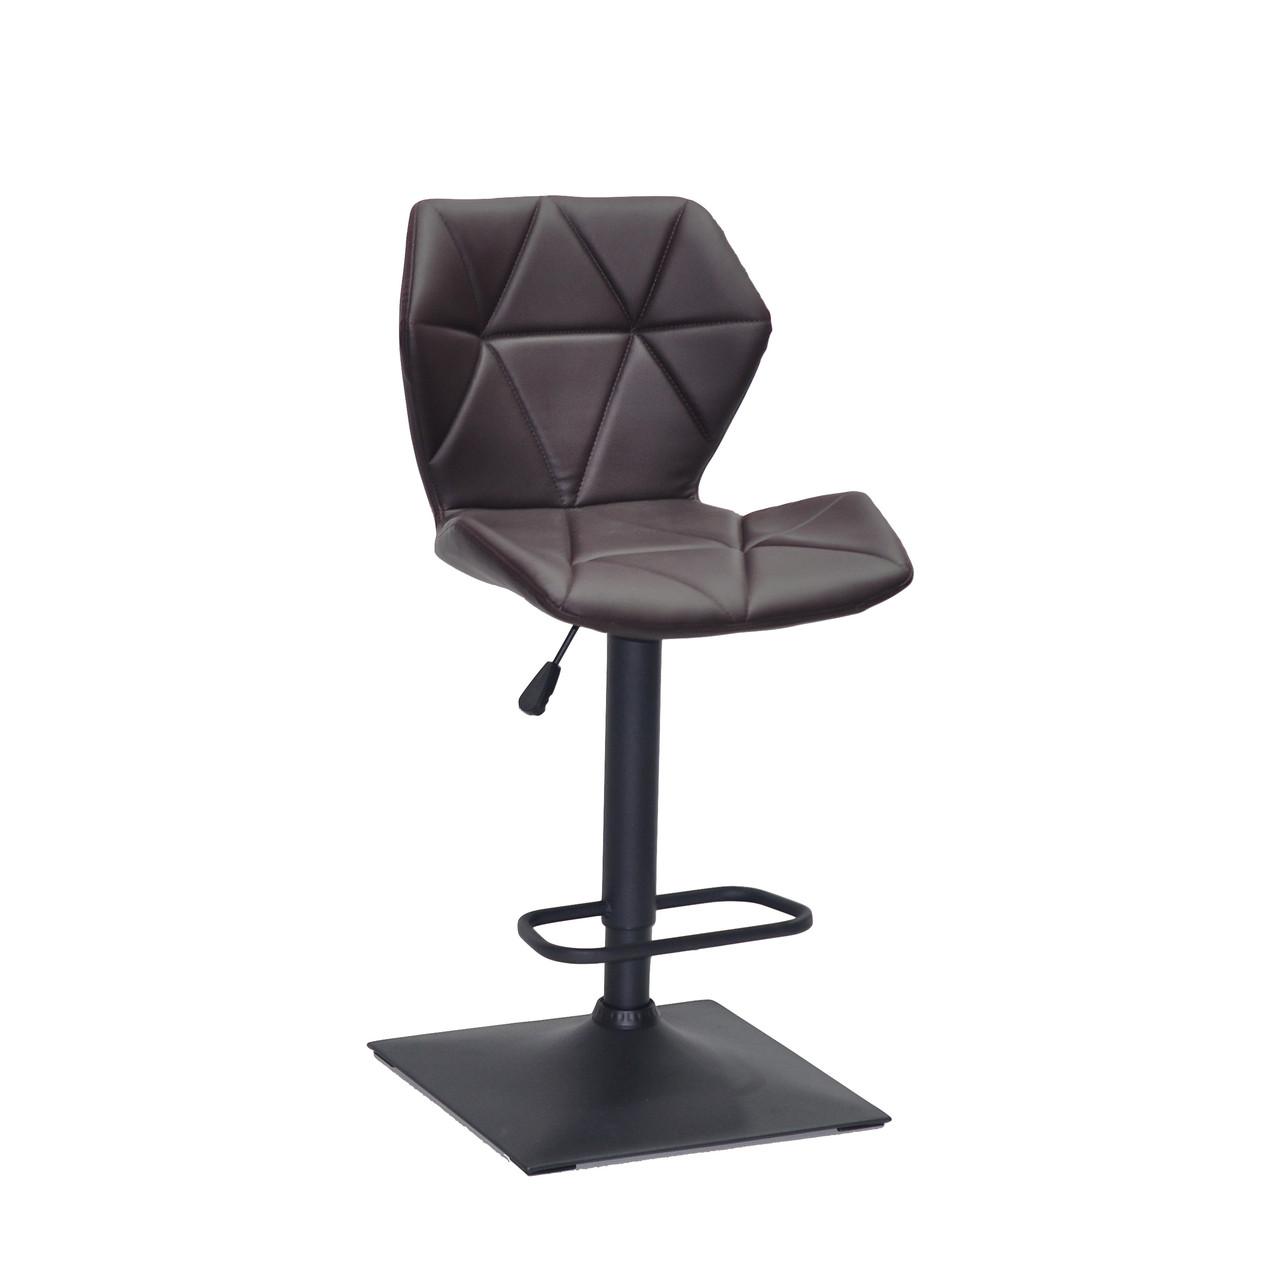 Барный стул Торино коричневая экокожа TORINO BAR 4 BK-BASE черная база